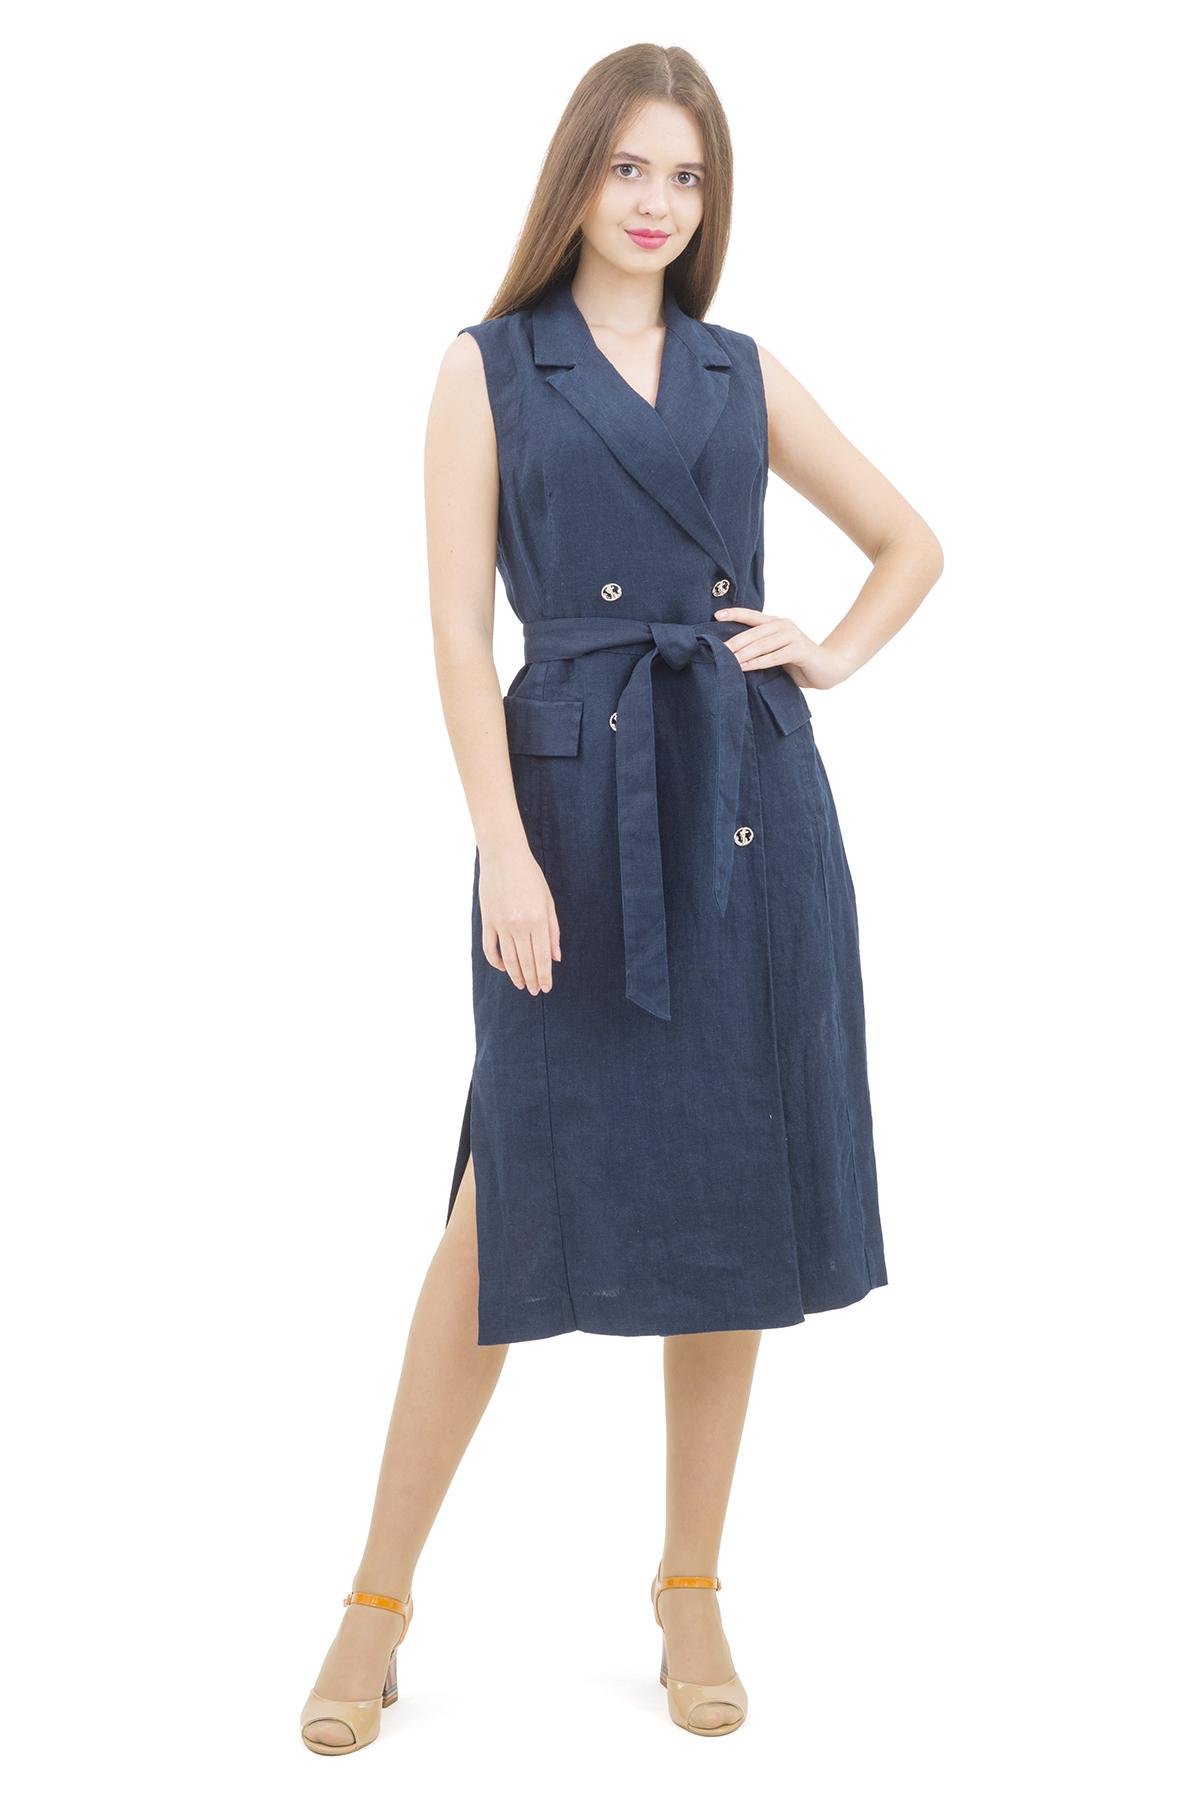 ПлатьеПлатья,  сарафаны<br>Стильное платье выполнено из натуральной ткани - льна. Данная модель удачно подчеркнет красоту Вашей фигуры, а яркая расцветка  не оставит Вас незамеченной.<br><br>Цвет: темно-синий<br>Состав: 100% лен<br>Размер: 42,44,46,48,50,52,54<br>Страна дизайна: Россия<br>Страна производства: Россия